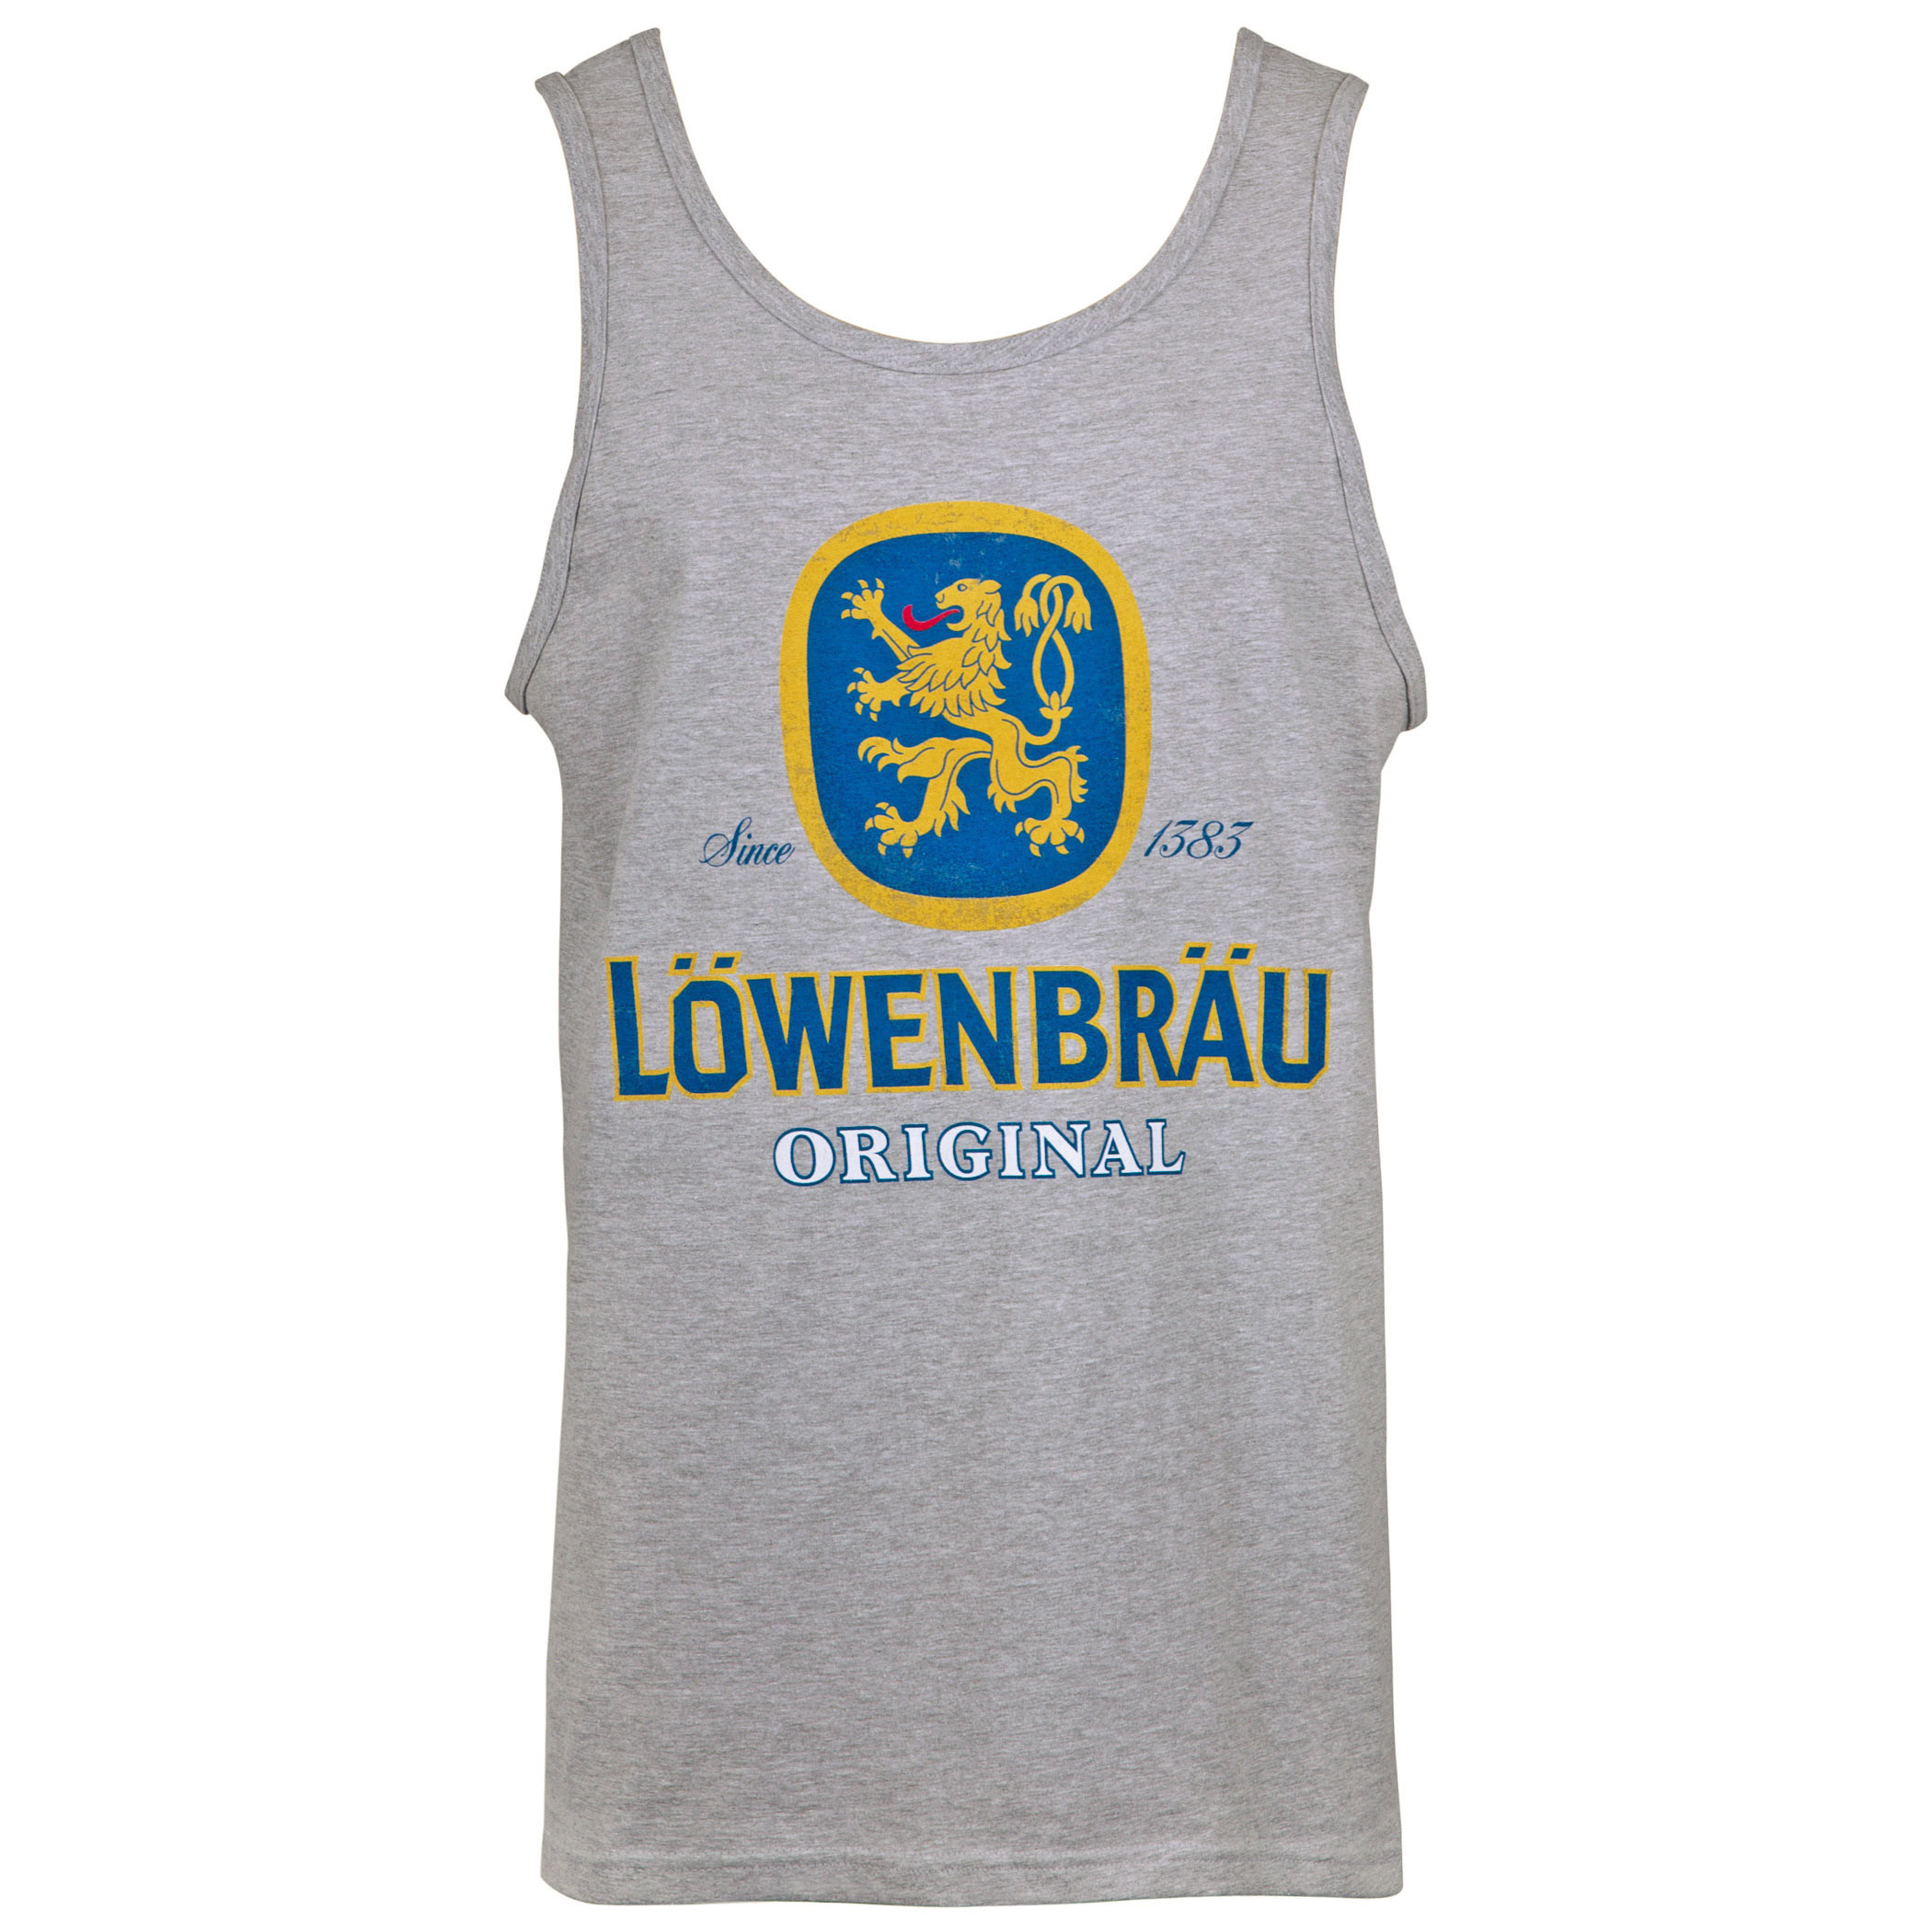 Lowenbrau Men\'s Grey Logo Tank Top.